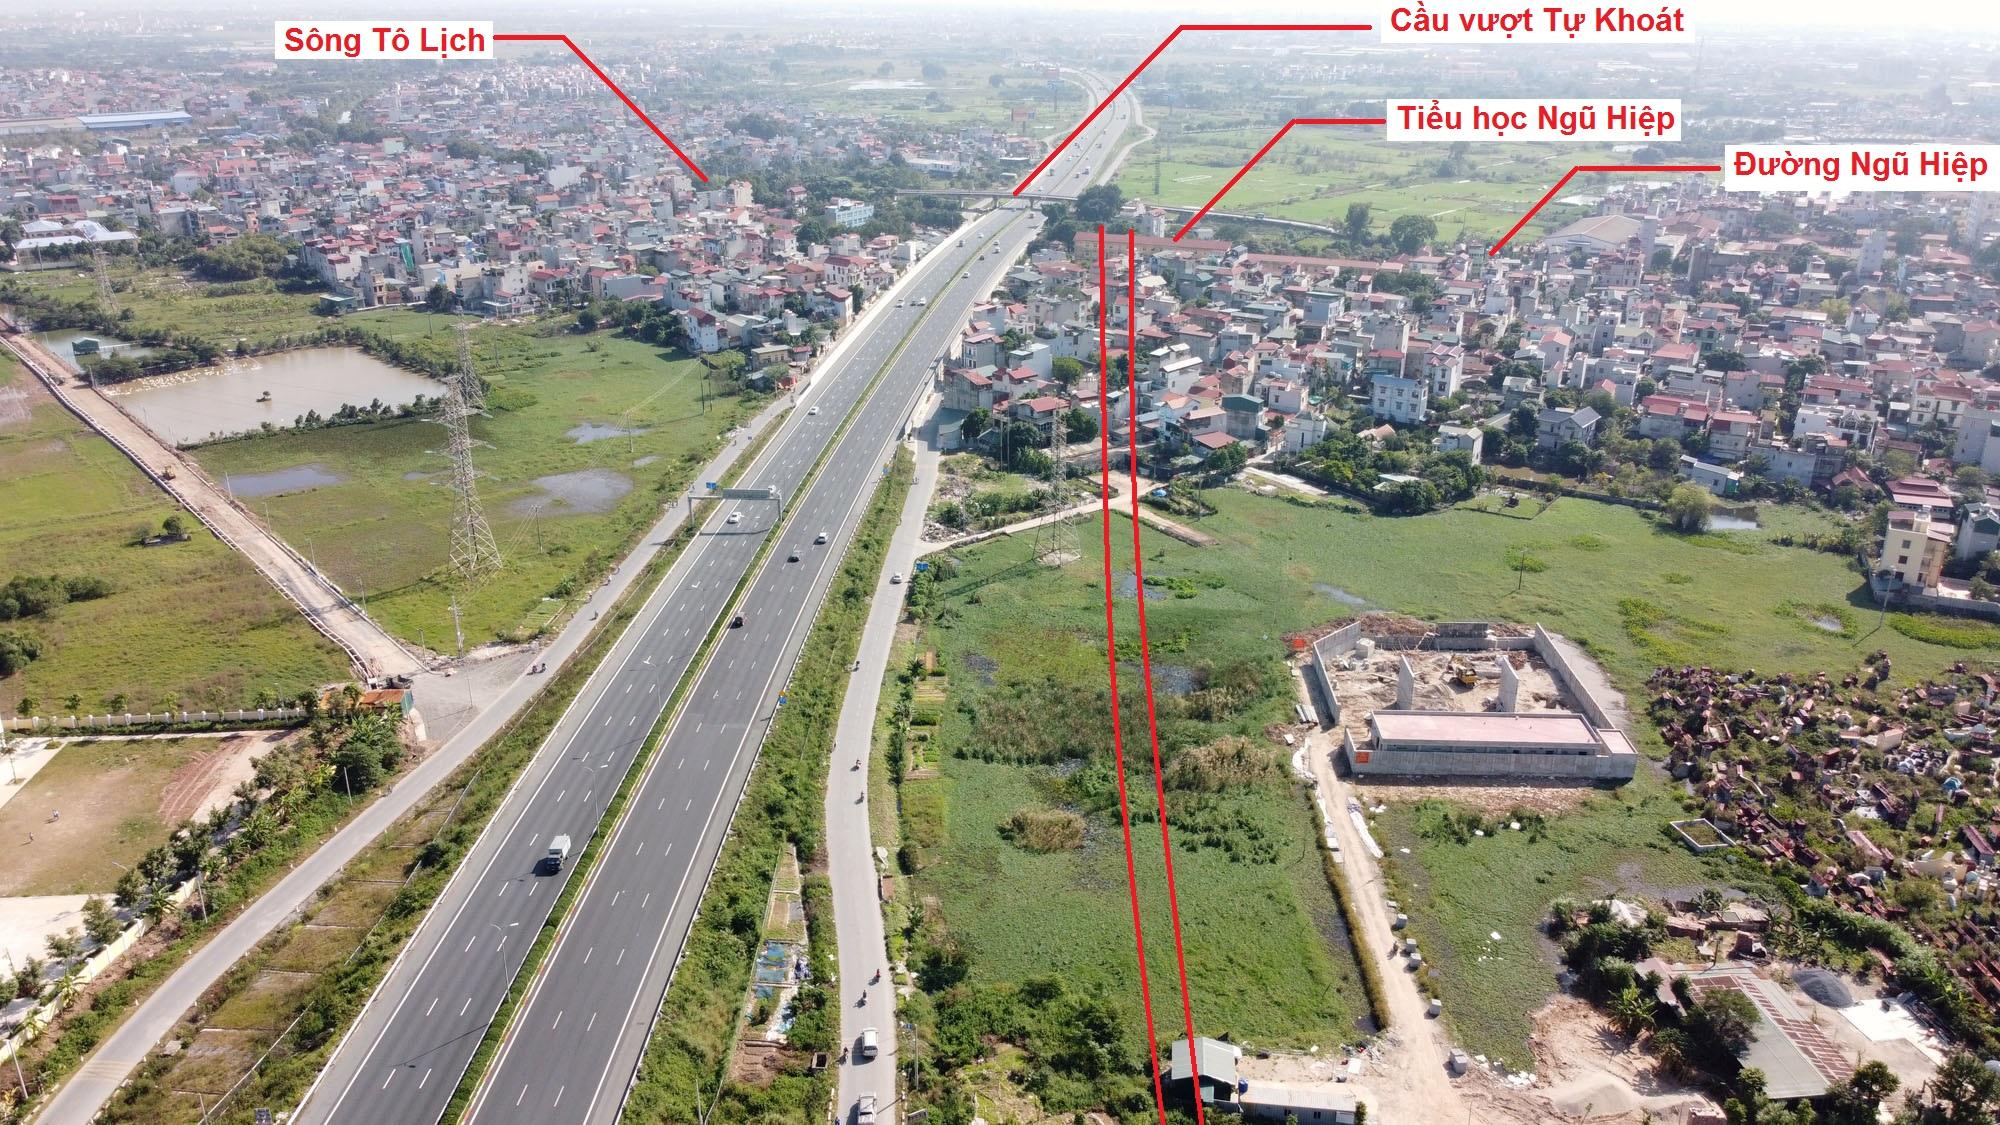 đường sẽ mở theo quy hoạch ở xã Ngũ Hiệp, Thanh Trì, Hà Nội - Ảnh 10.